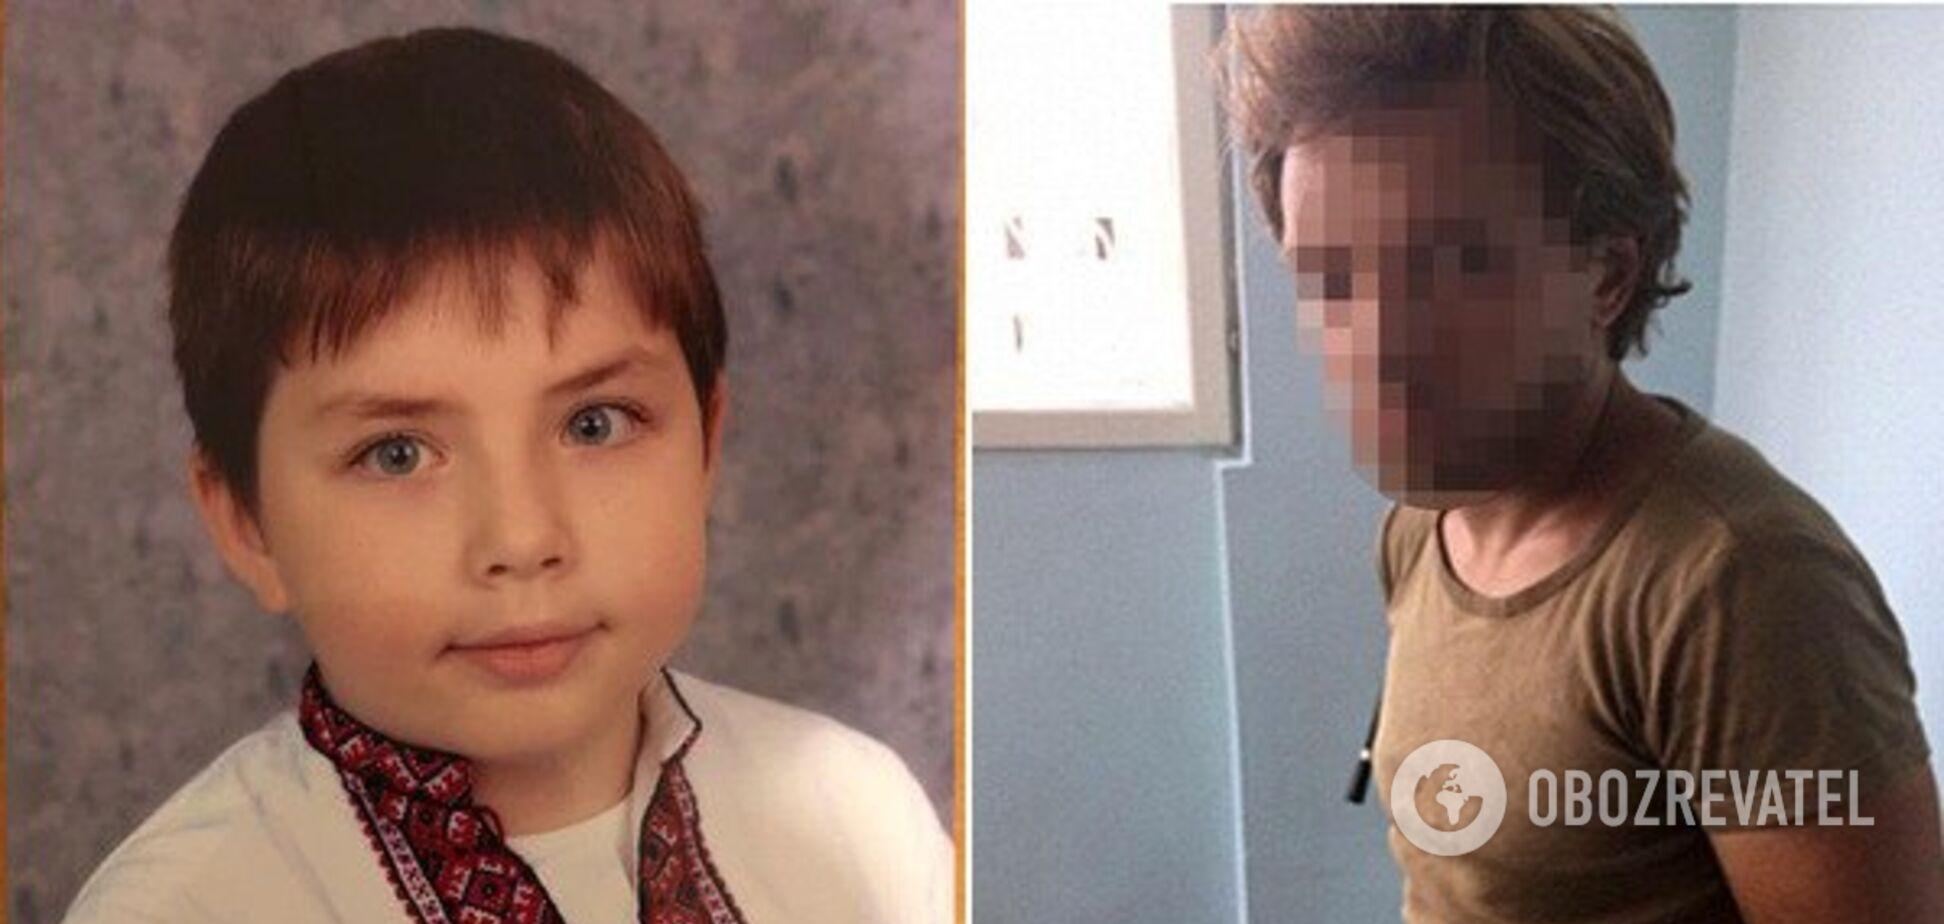 Бил молотком и ножом: задержан подозреваемый в расправе над 9-летним мальчиком в Киеве